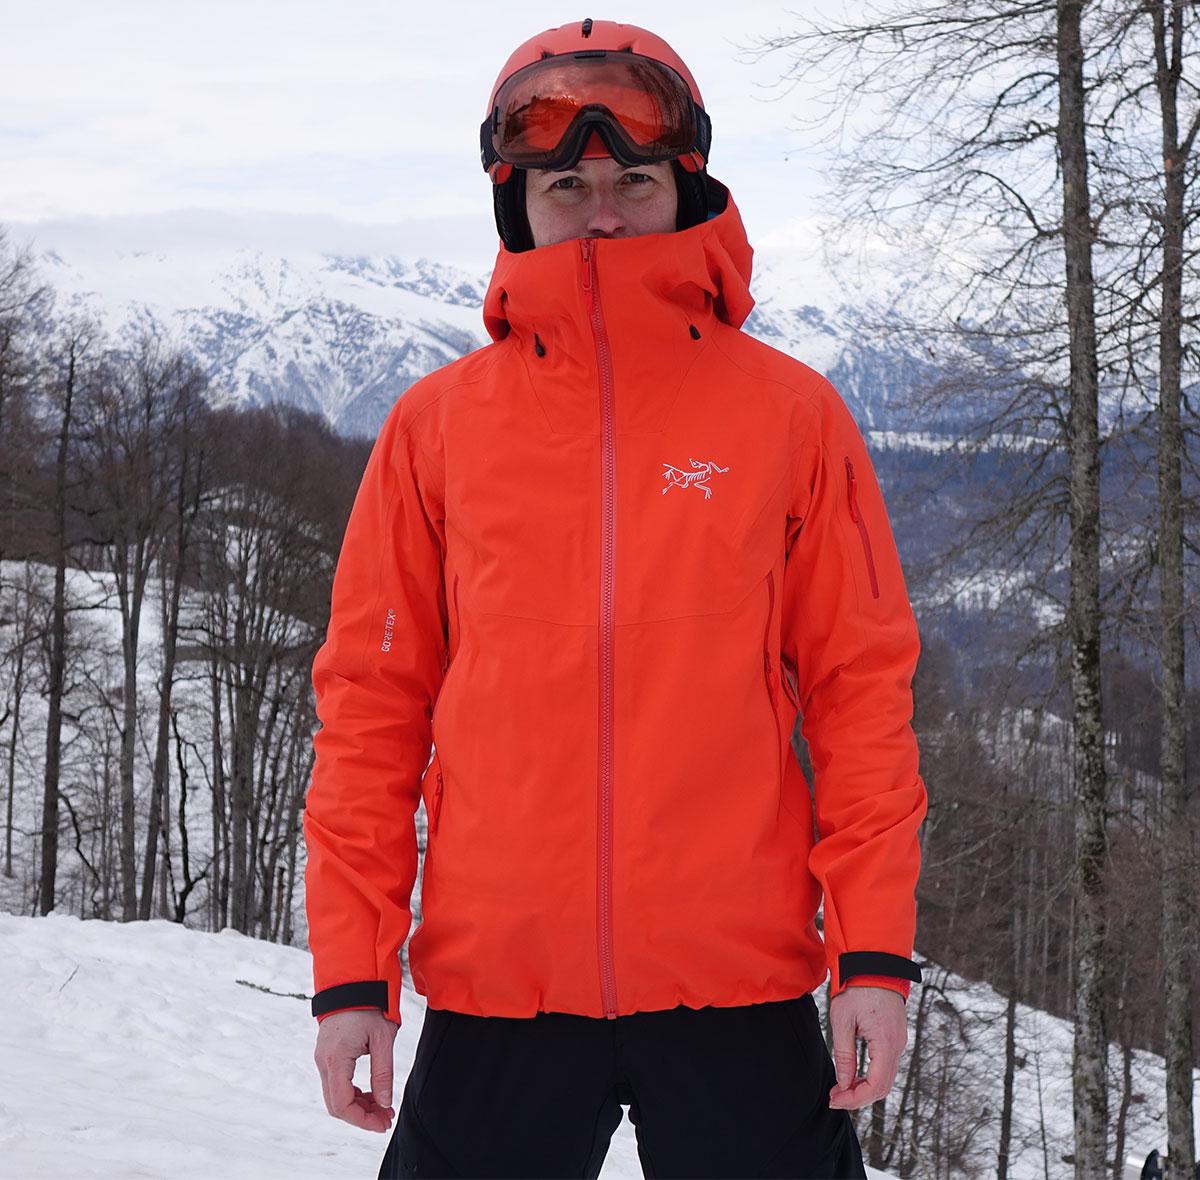 c6238a5e ... тонкий флисовый пулон, лёгкая куртка с синтетическим утеплителем,  мембранная неутеплённая куртка. Комбинируя слои, его можно «настроить»  практически под ...